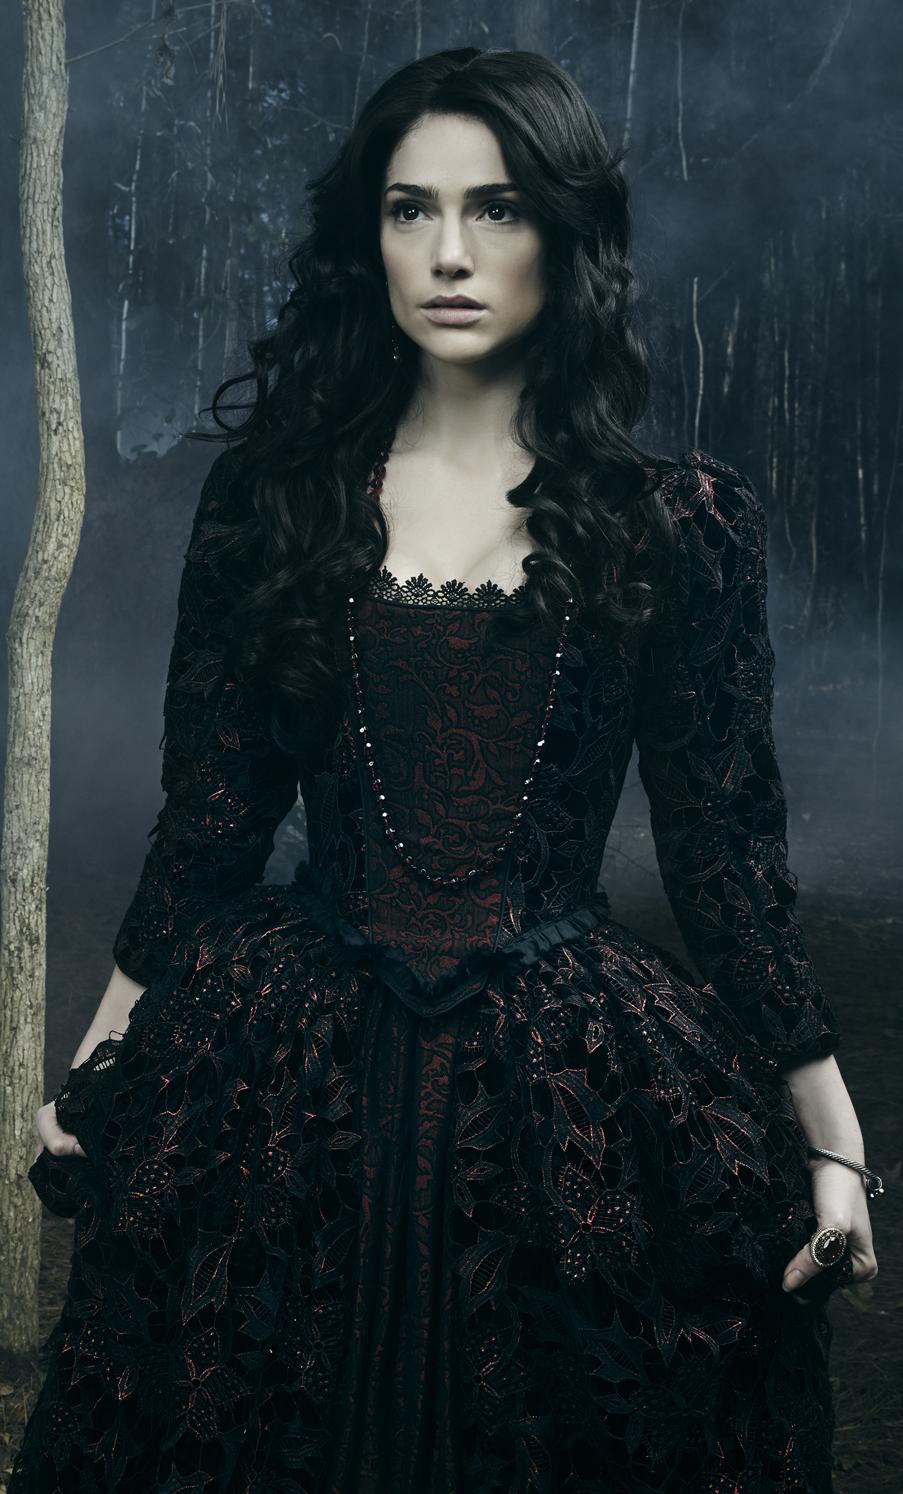 Costumes | The Salem Wiki | FANDOM powered by Wikia